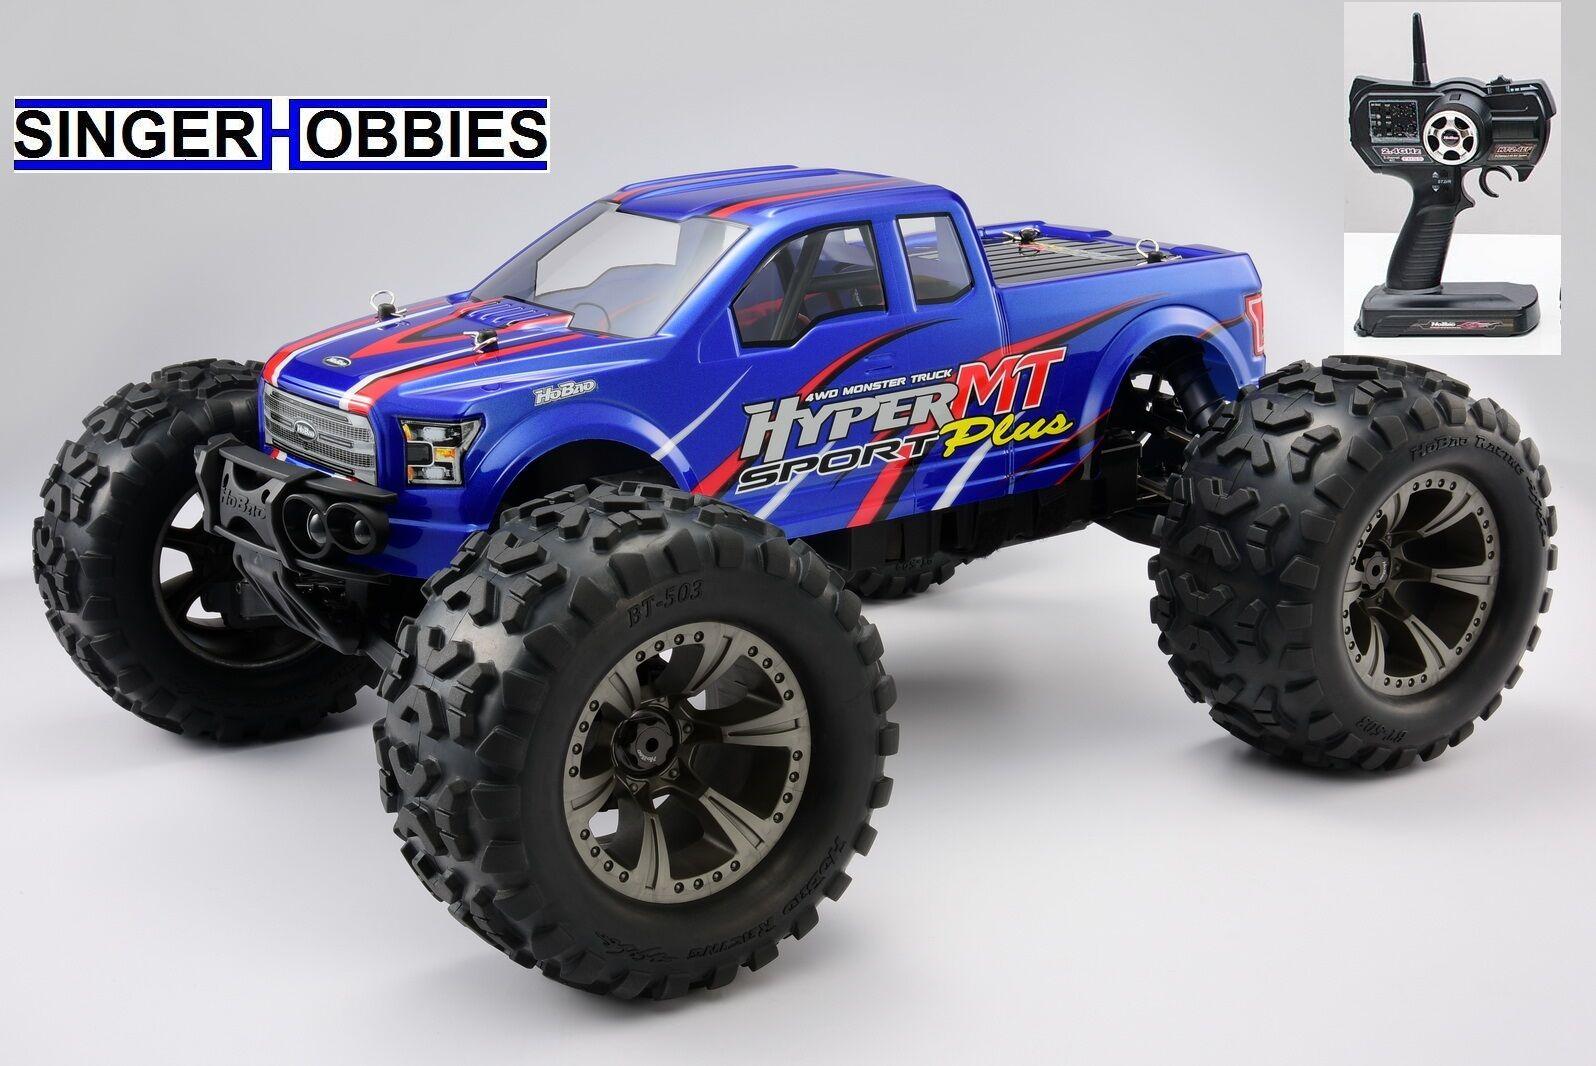 precios razonables Hobao HB-MTE-CBUN 18 Hyper Mte  RTR 2018KVA Esc Azul Azul Azul hoahbmtec BUN  varios tamaños